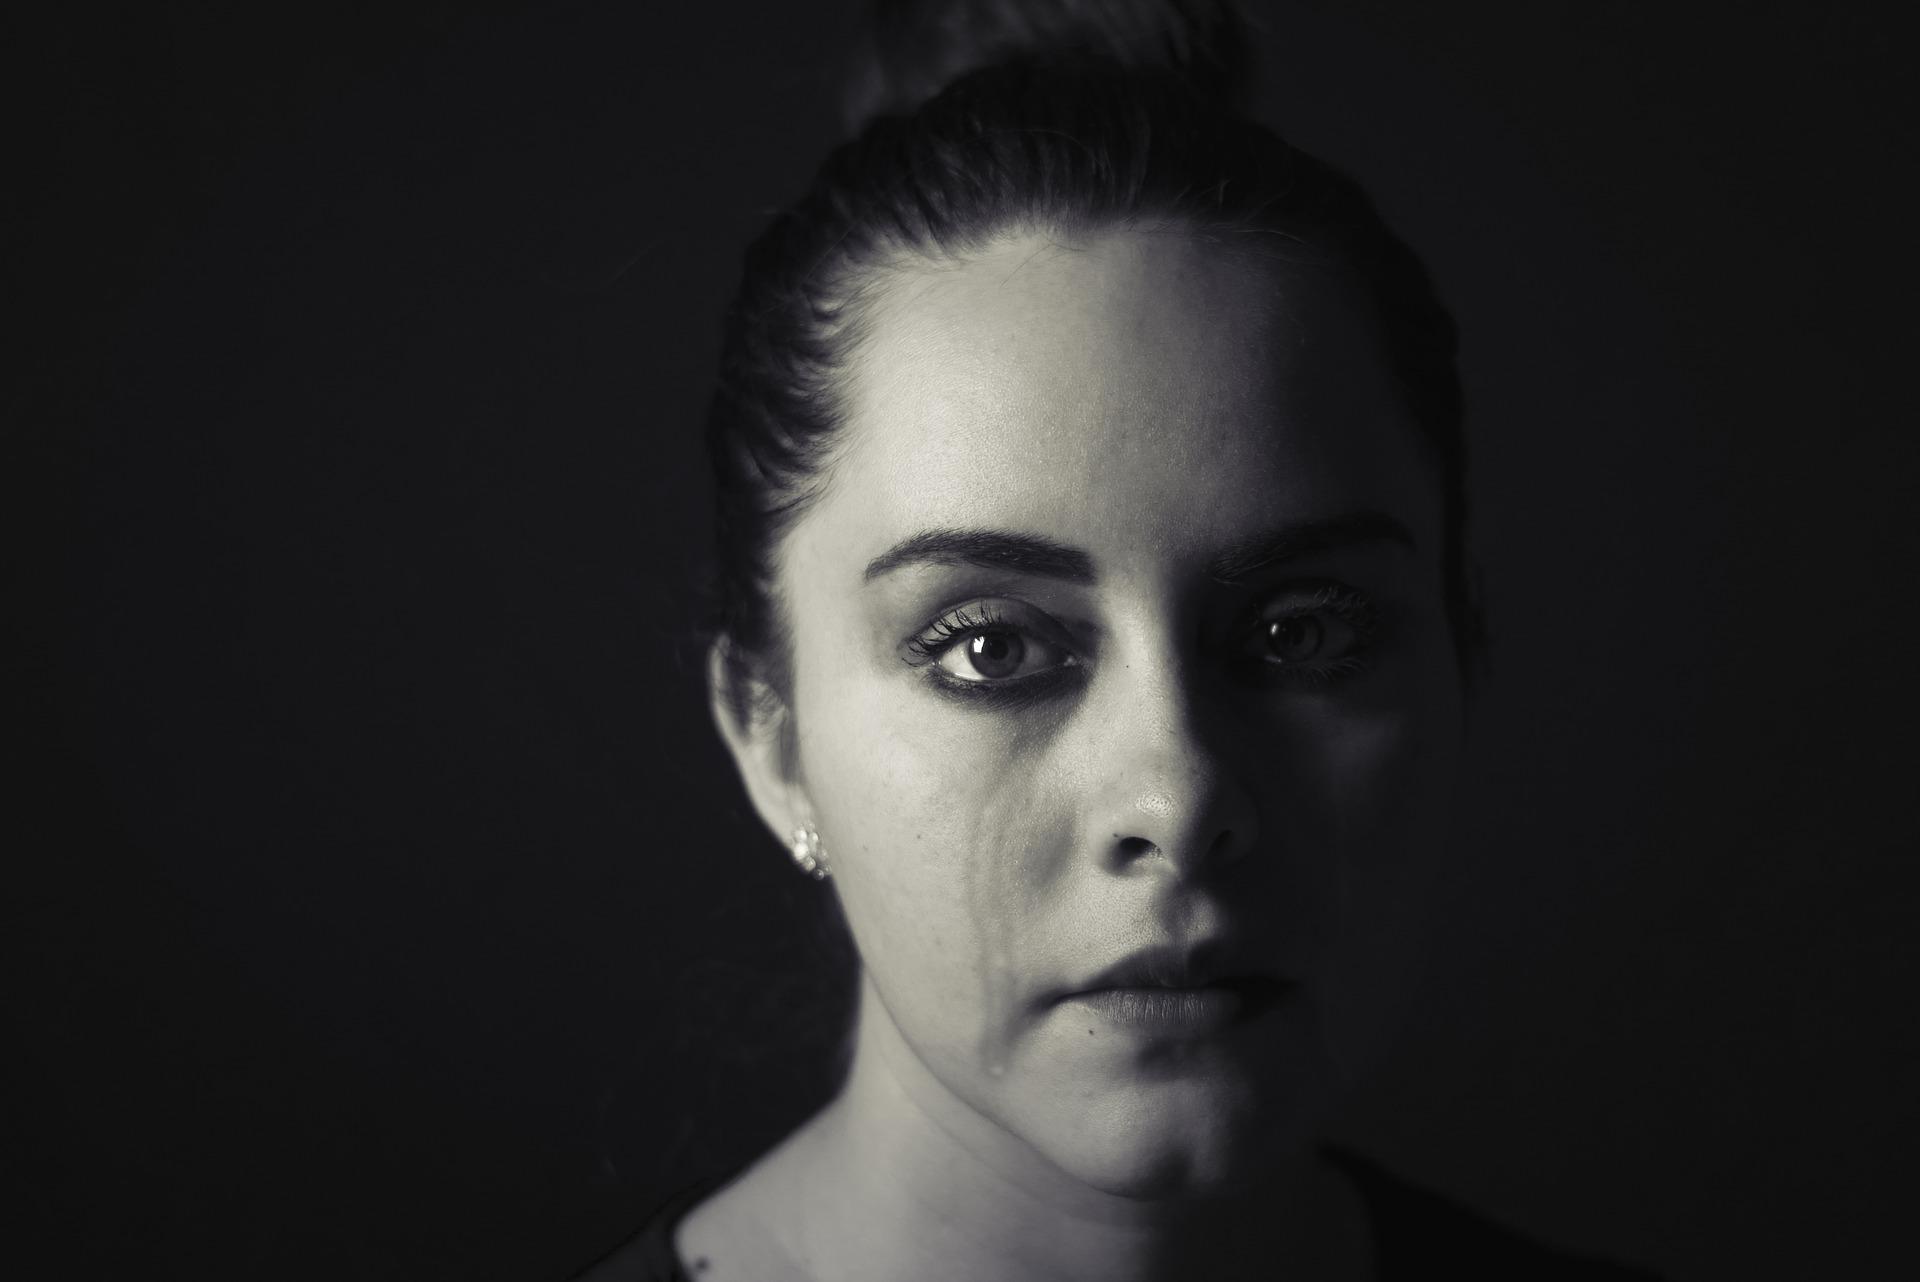 Zaplačete kada gledate tužan film? Evo zašto je to odlična stvar za vas